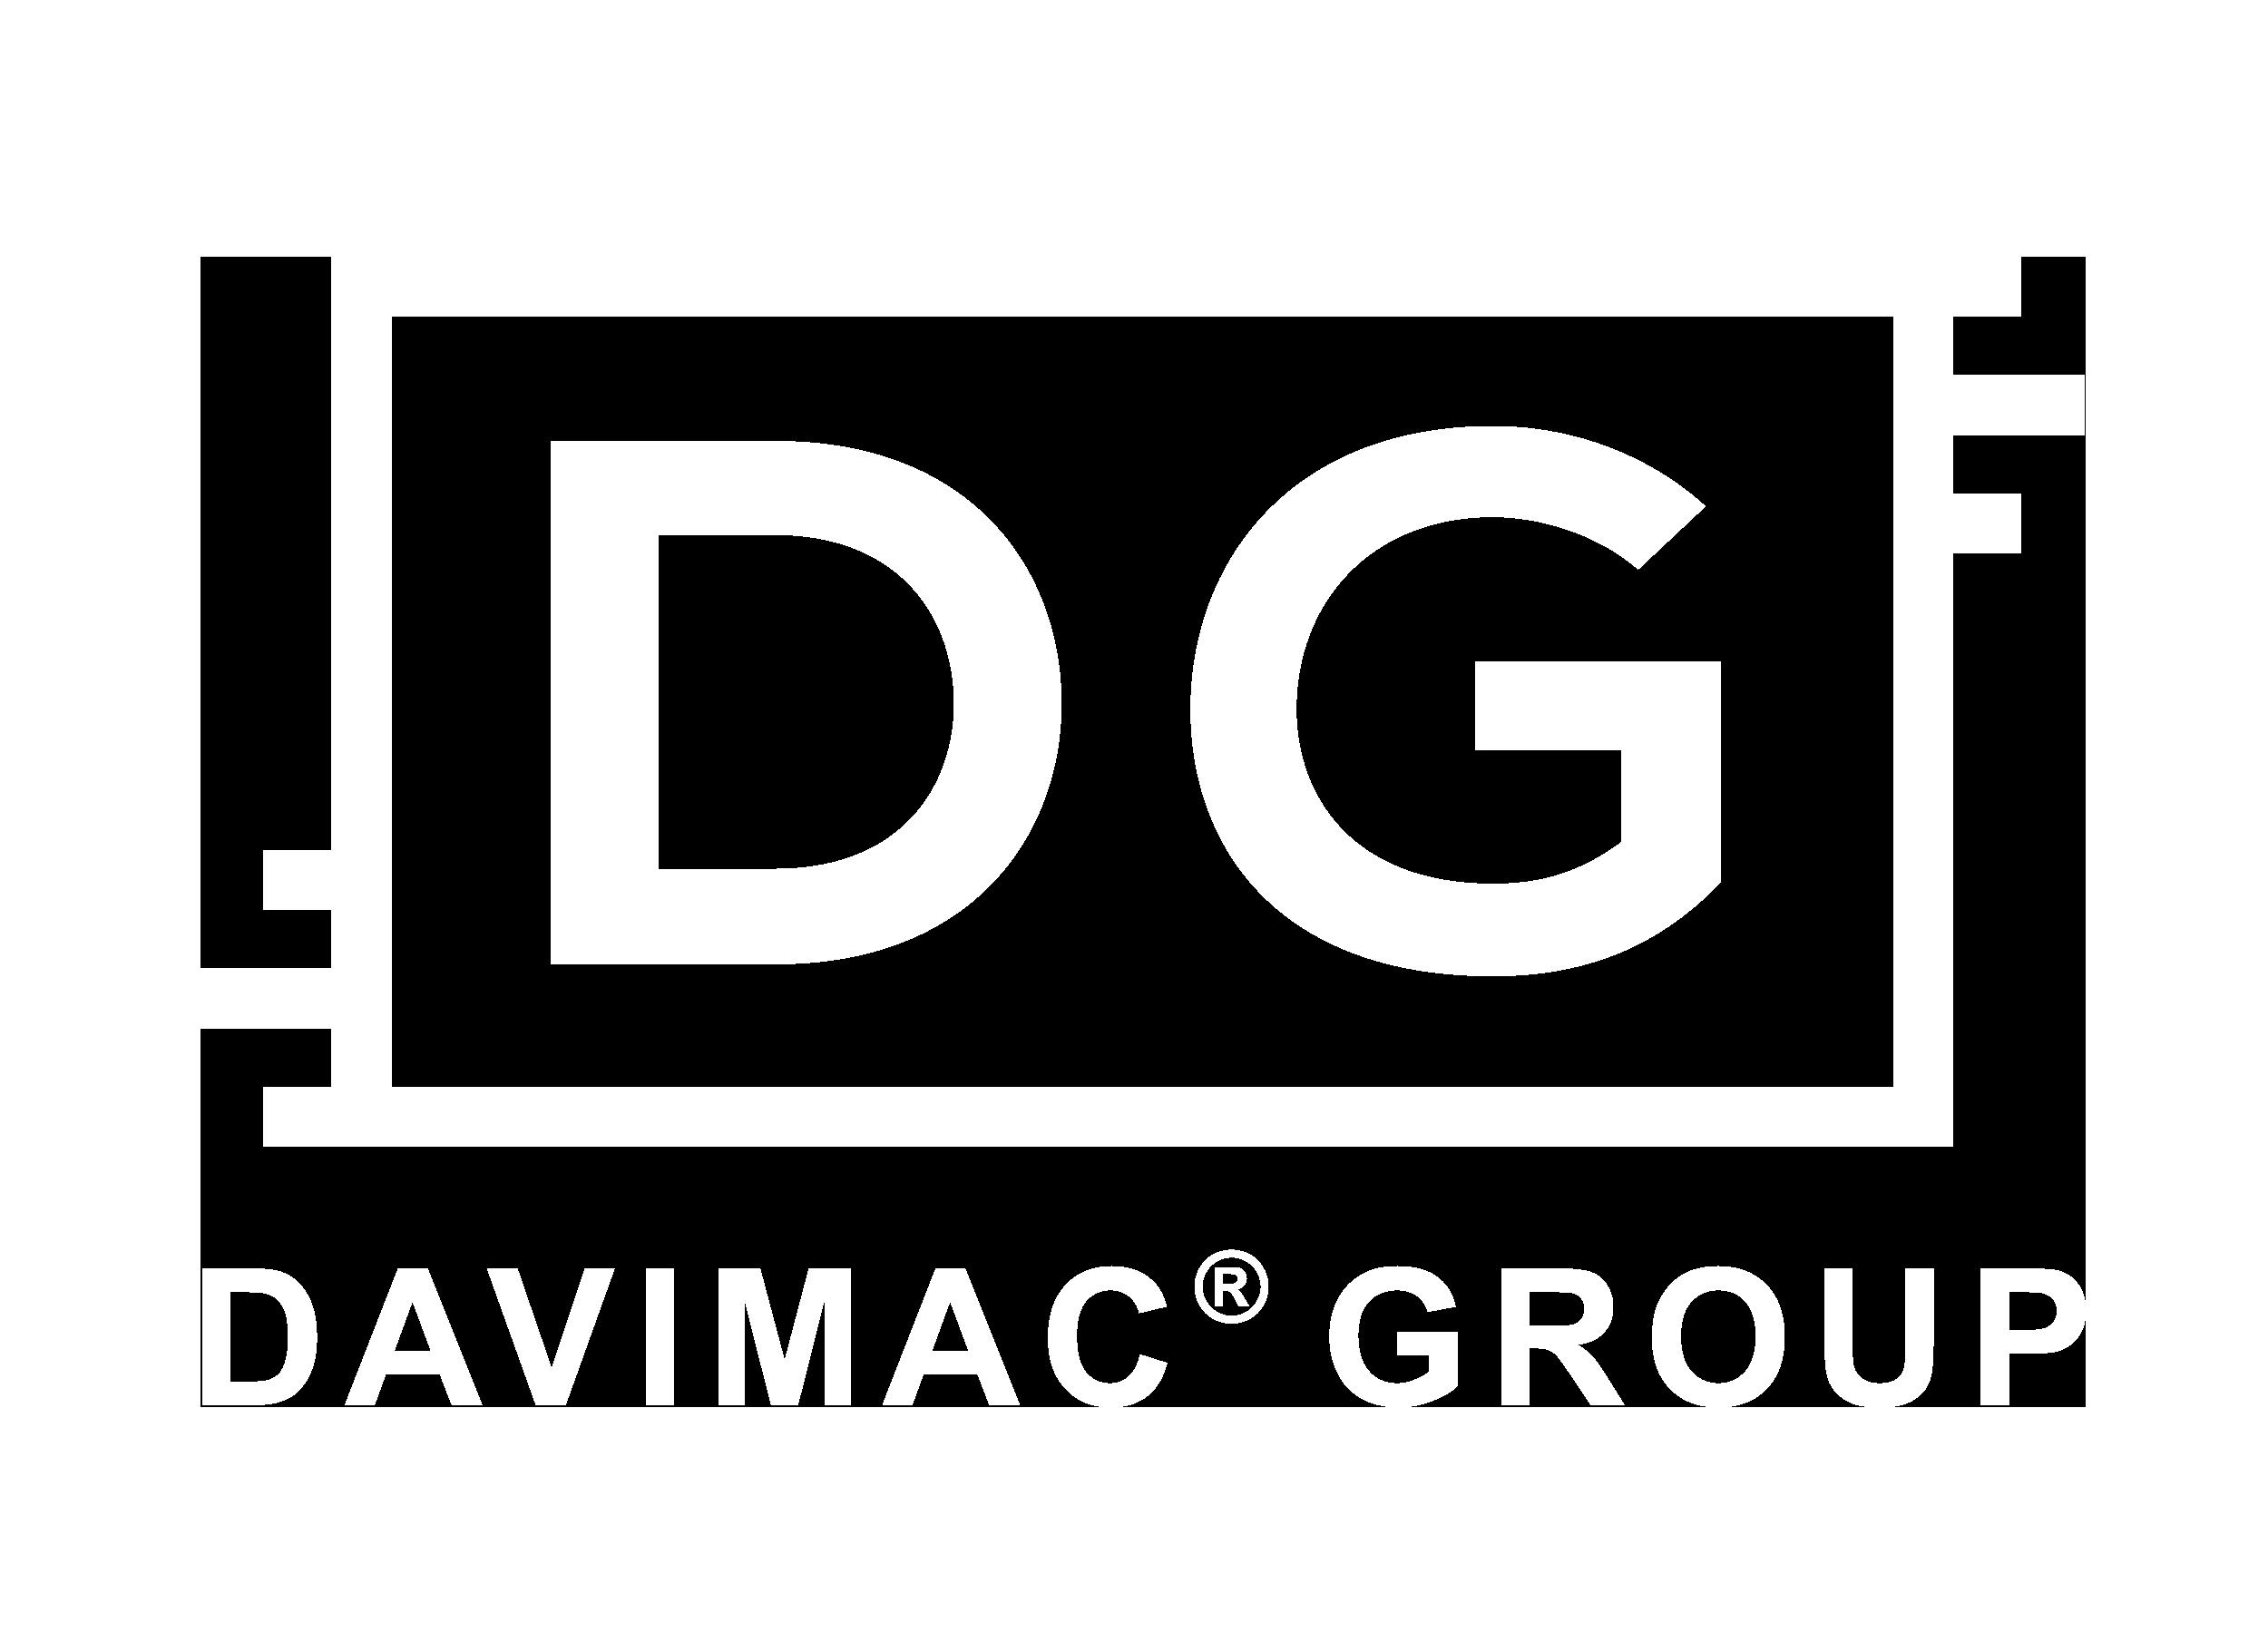 logo_DG_mono.png